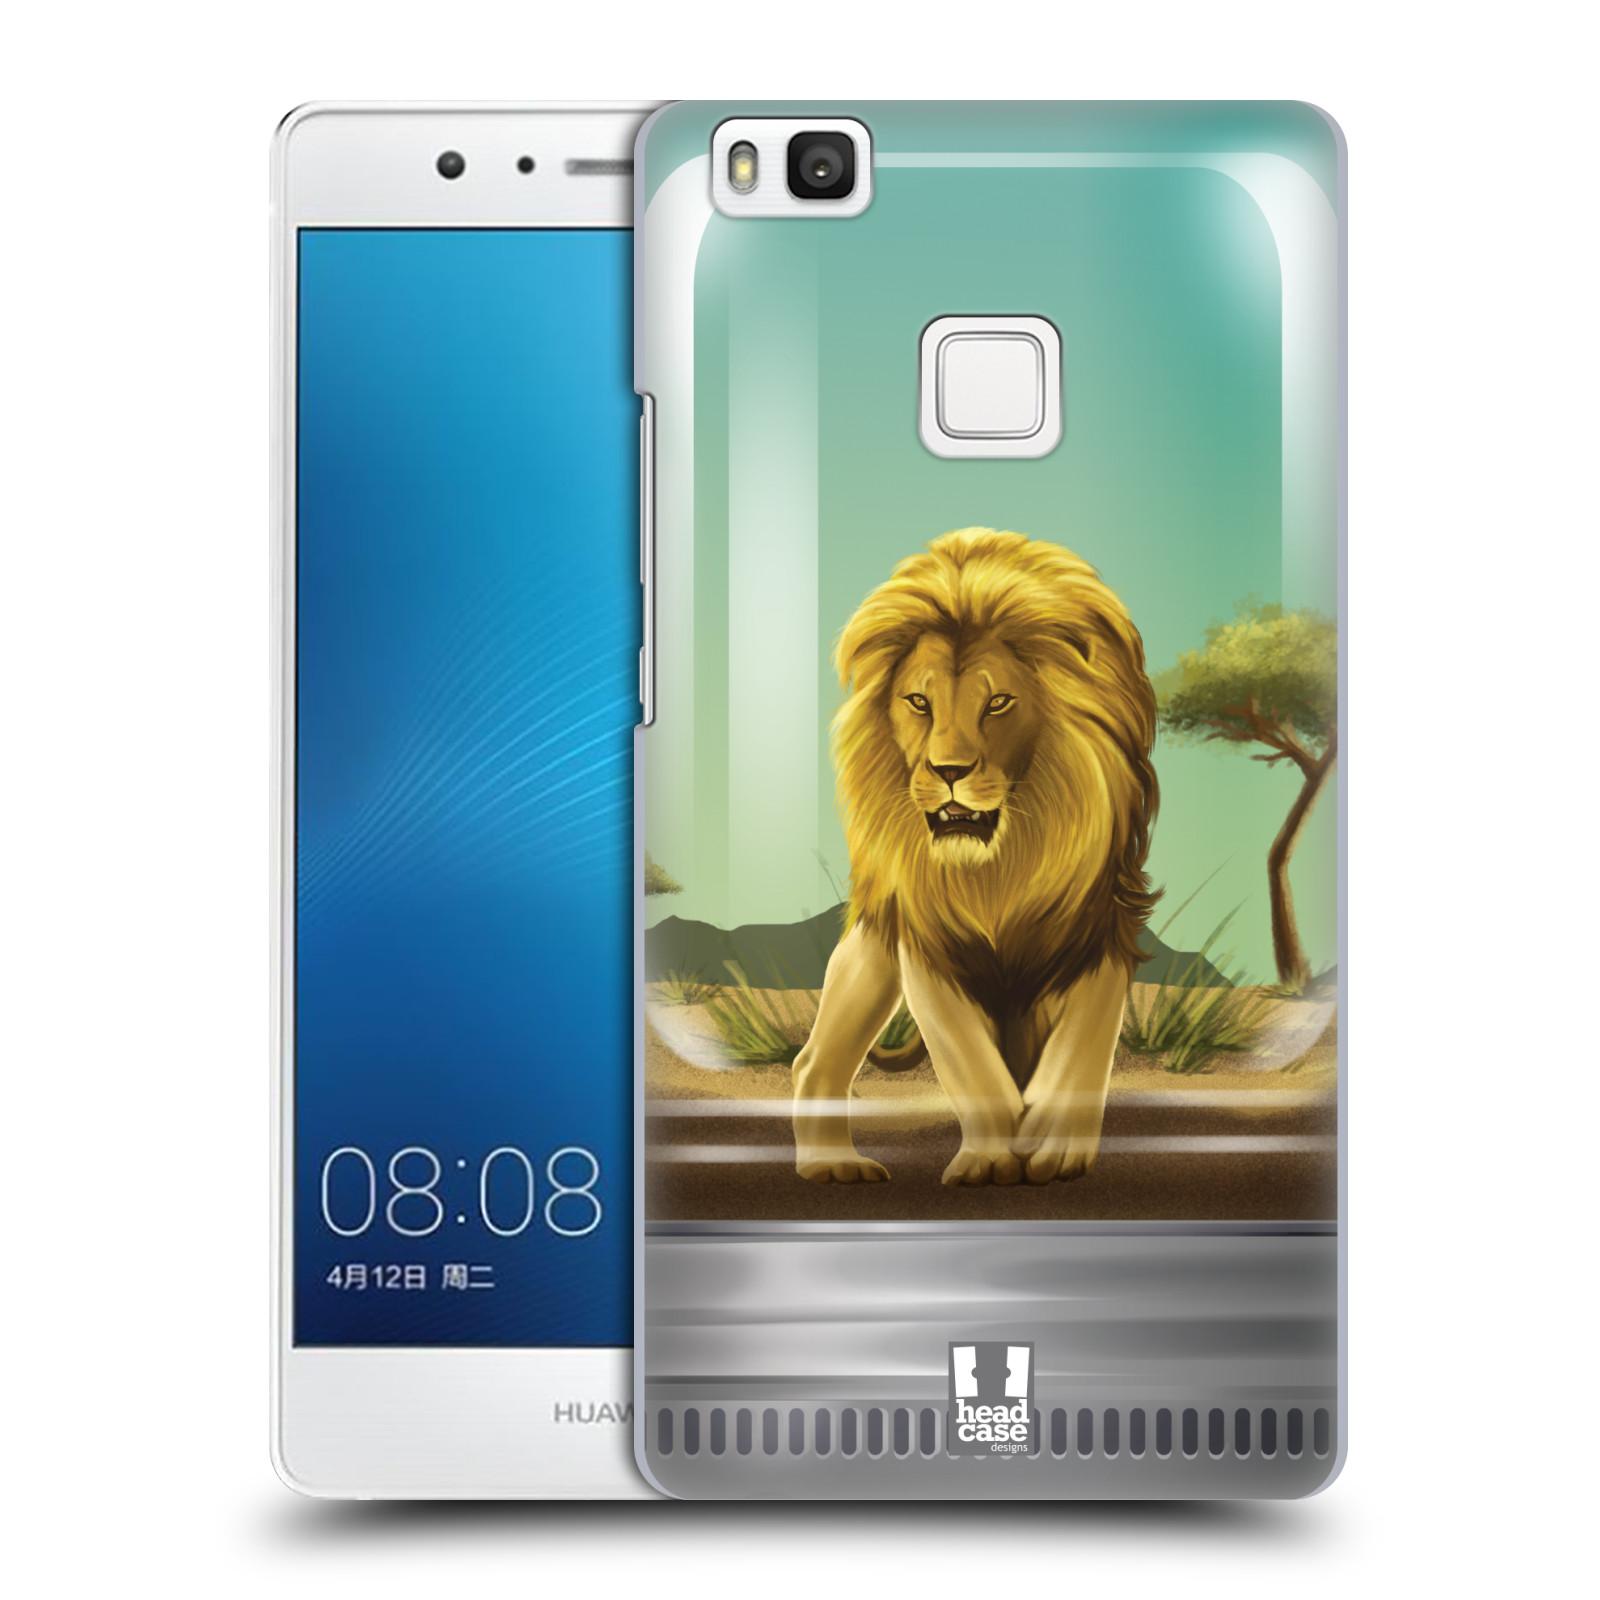 HEAD CASE plastový obal na mobil Huawei P9 LITE / P9 LITE DUAL SIM vzor Zvířátka v těžítku lev